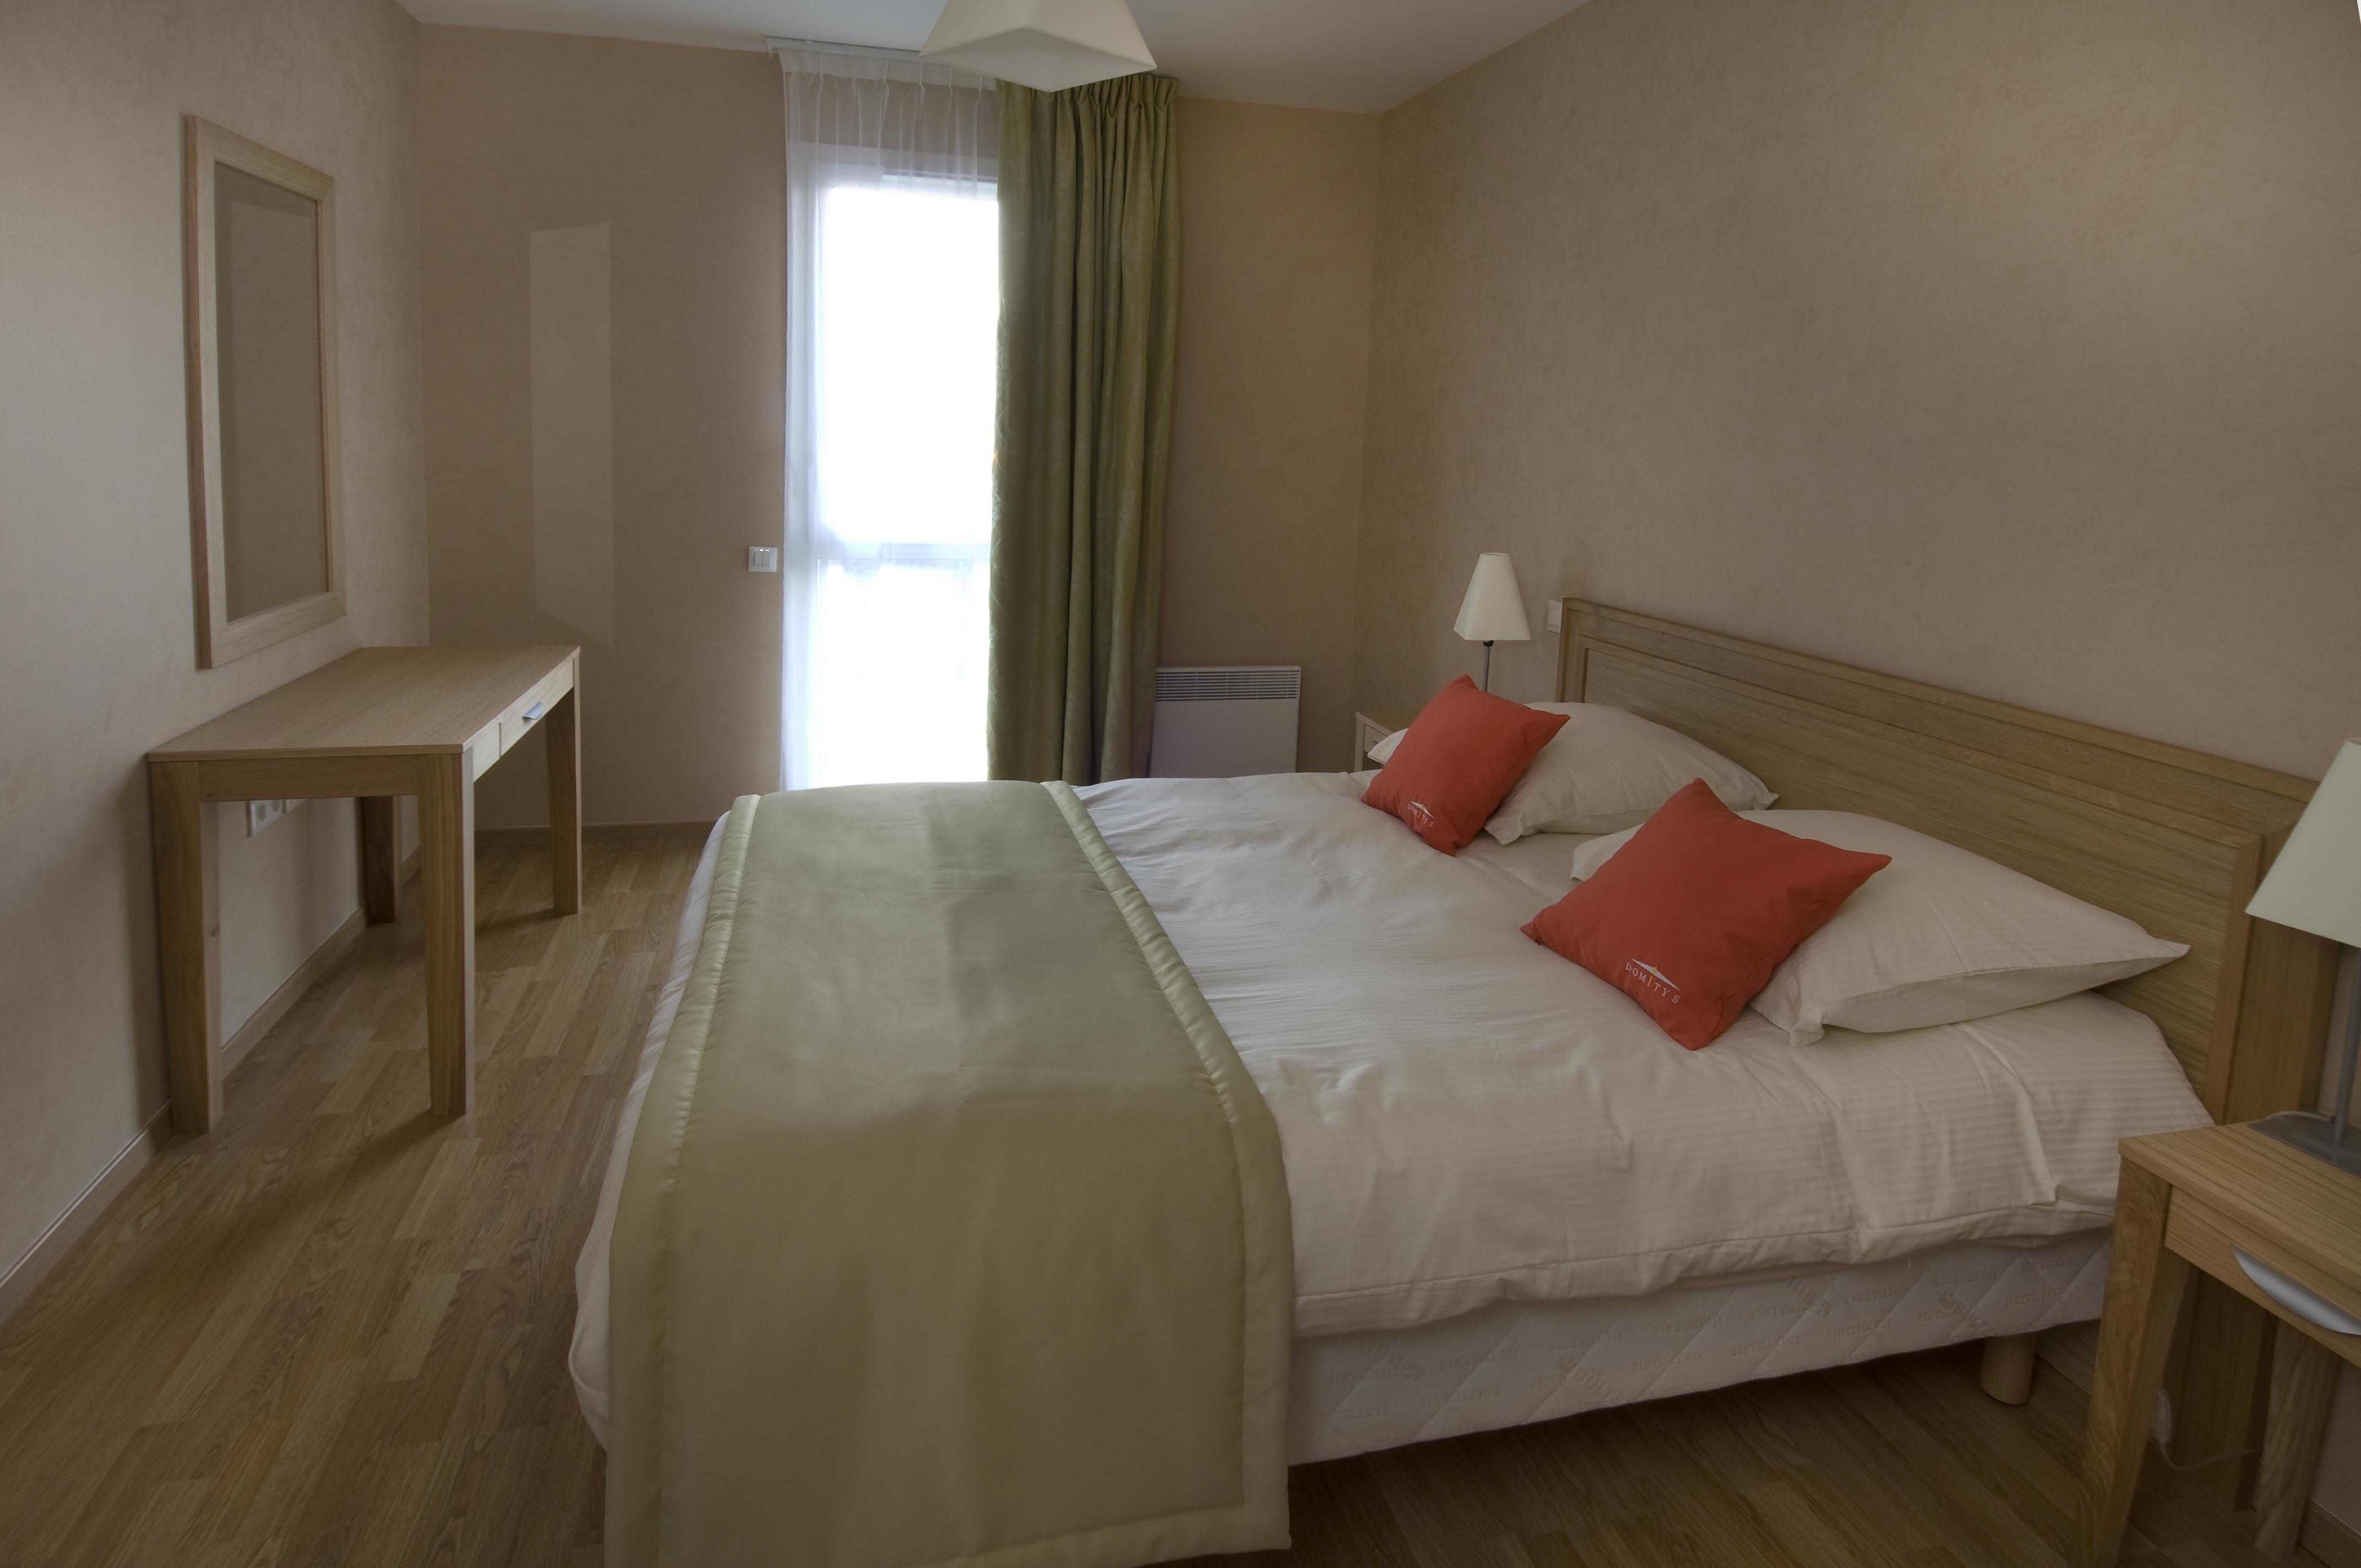 maison de retraite le vallon des bois le mans 72. Black Bedroom Furniture Sets. Home Design Ideas